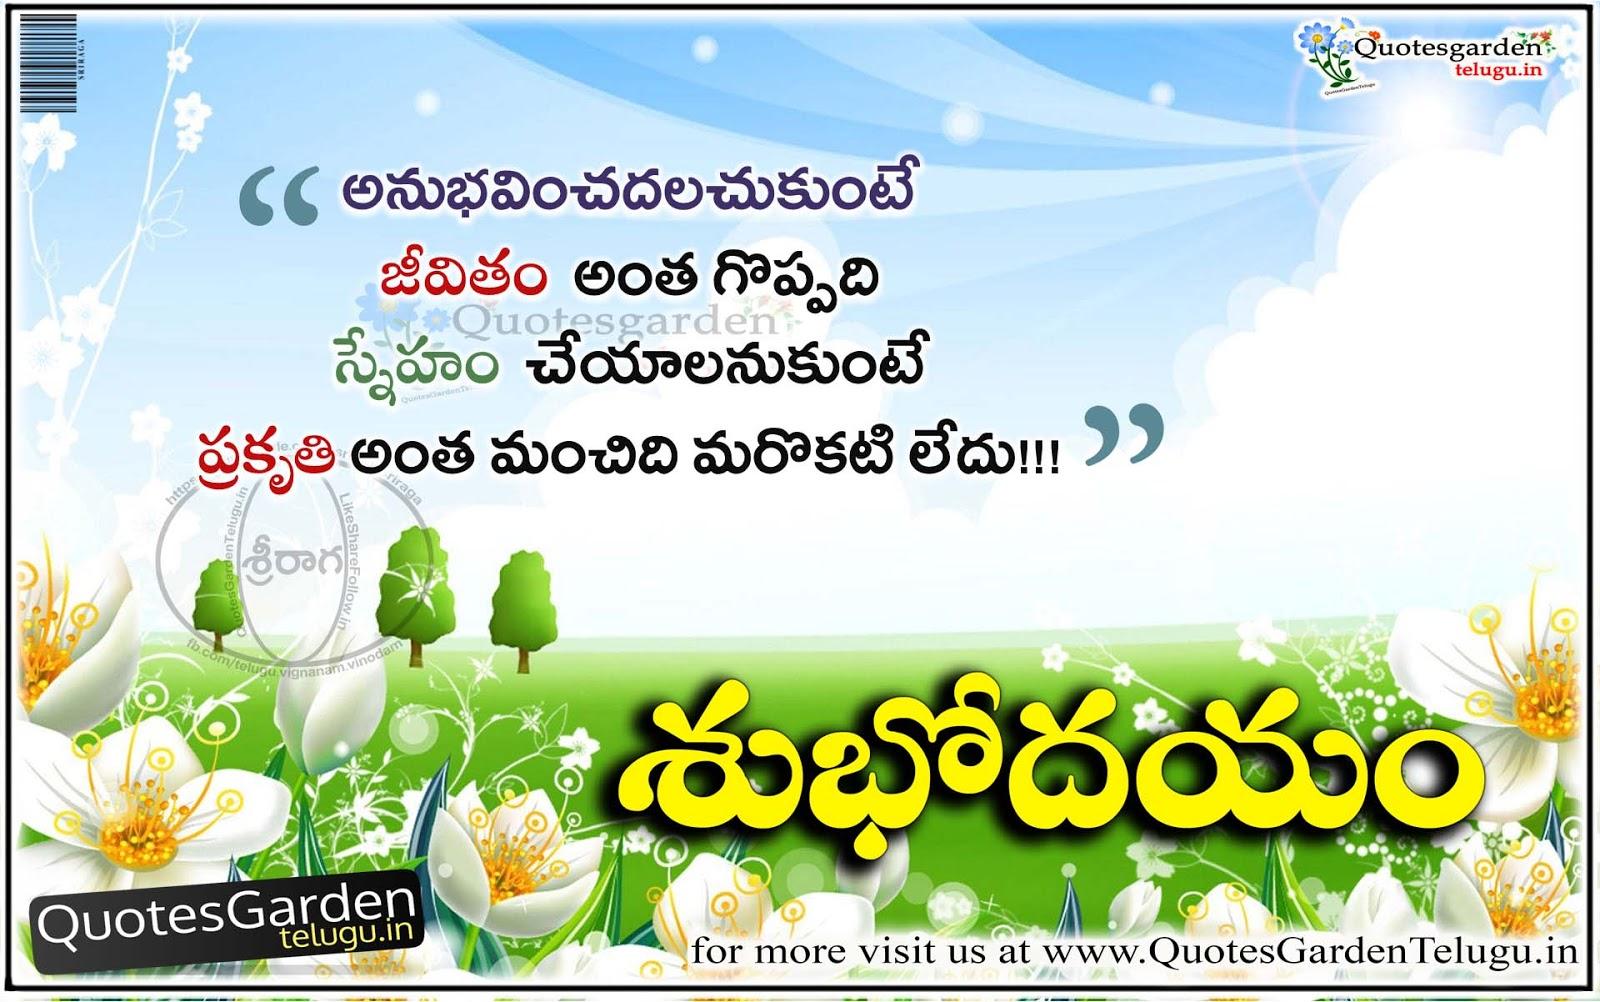 Best Good Morning Quotes In Telugu Quotes Garden Telugu Telugu